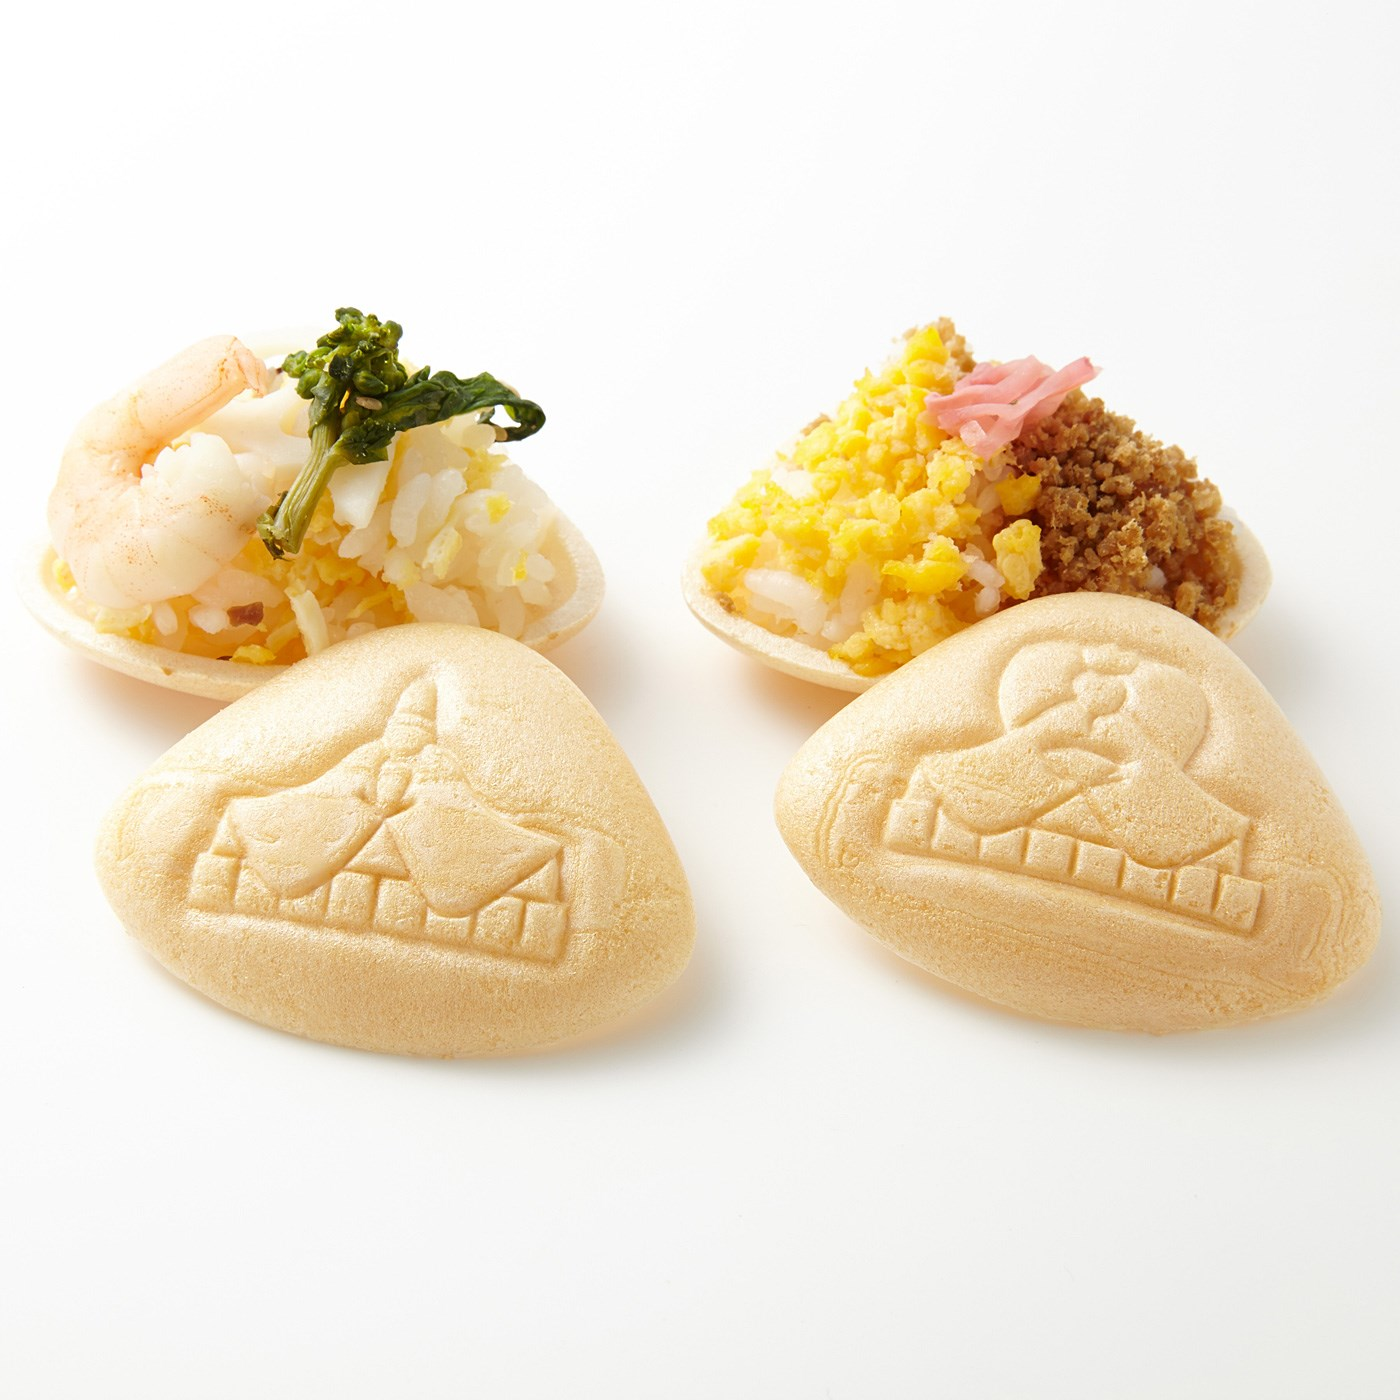 もち米100%だから、和の食材やお寿司にも相性ぴったり!